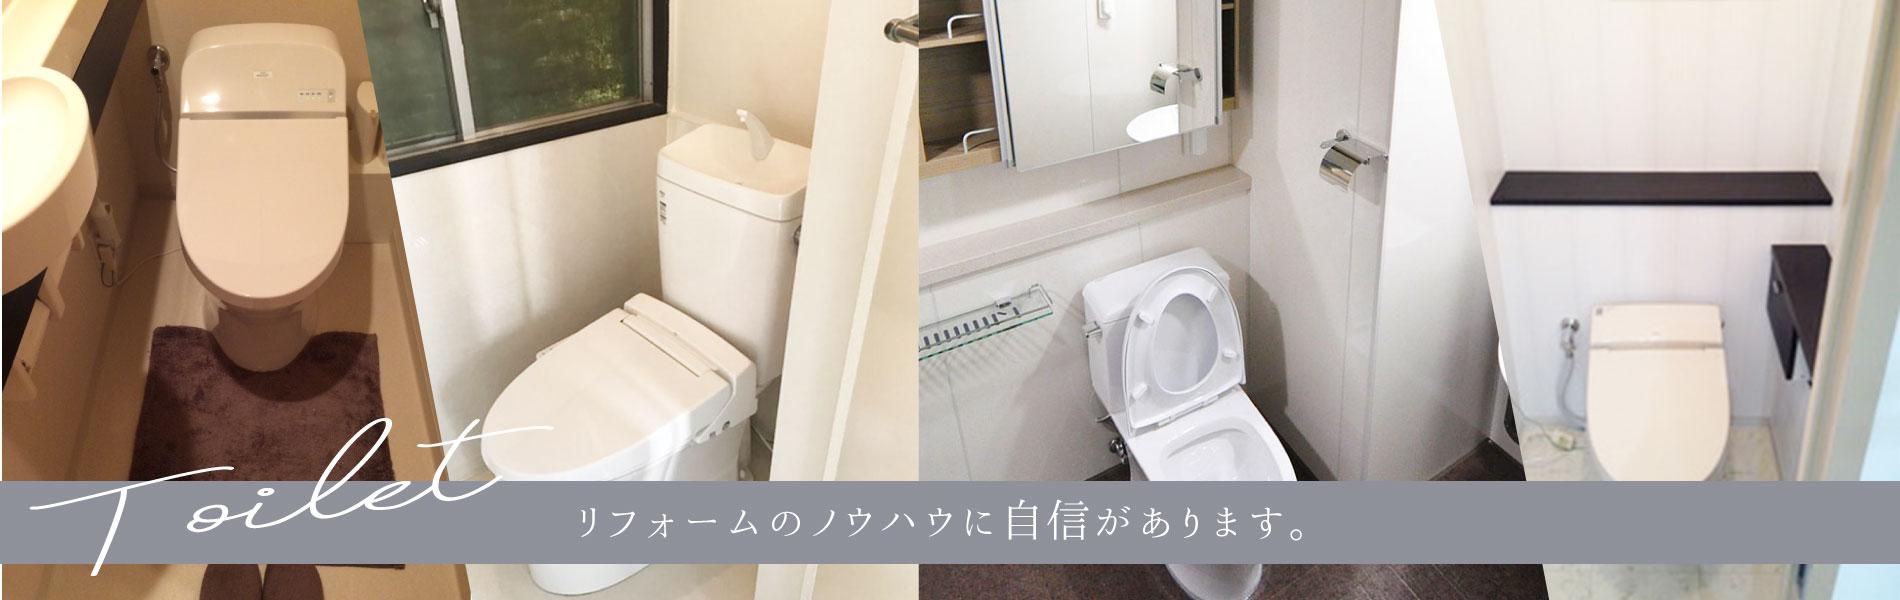 トイレのリフォームのノウハウに自信があります。